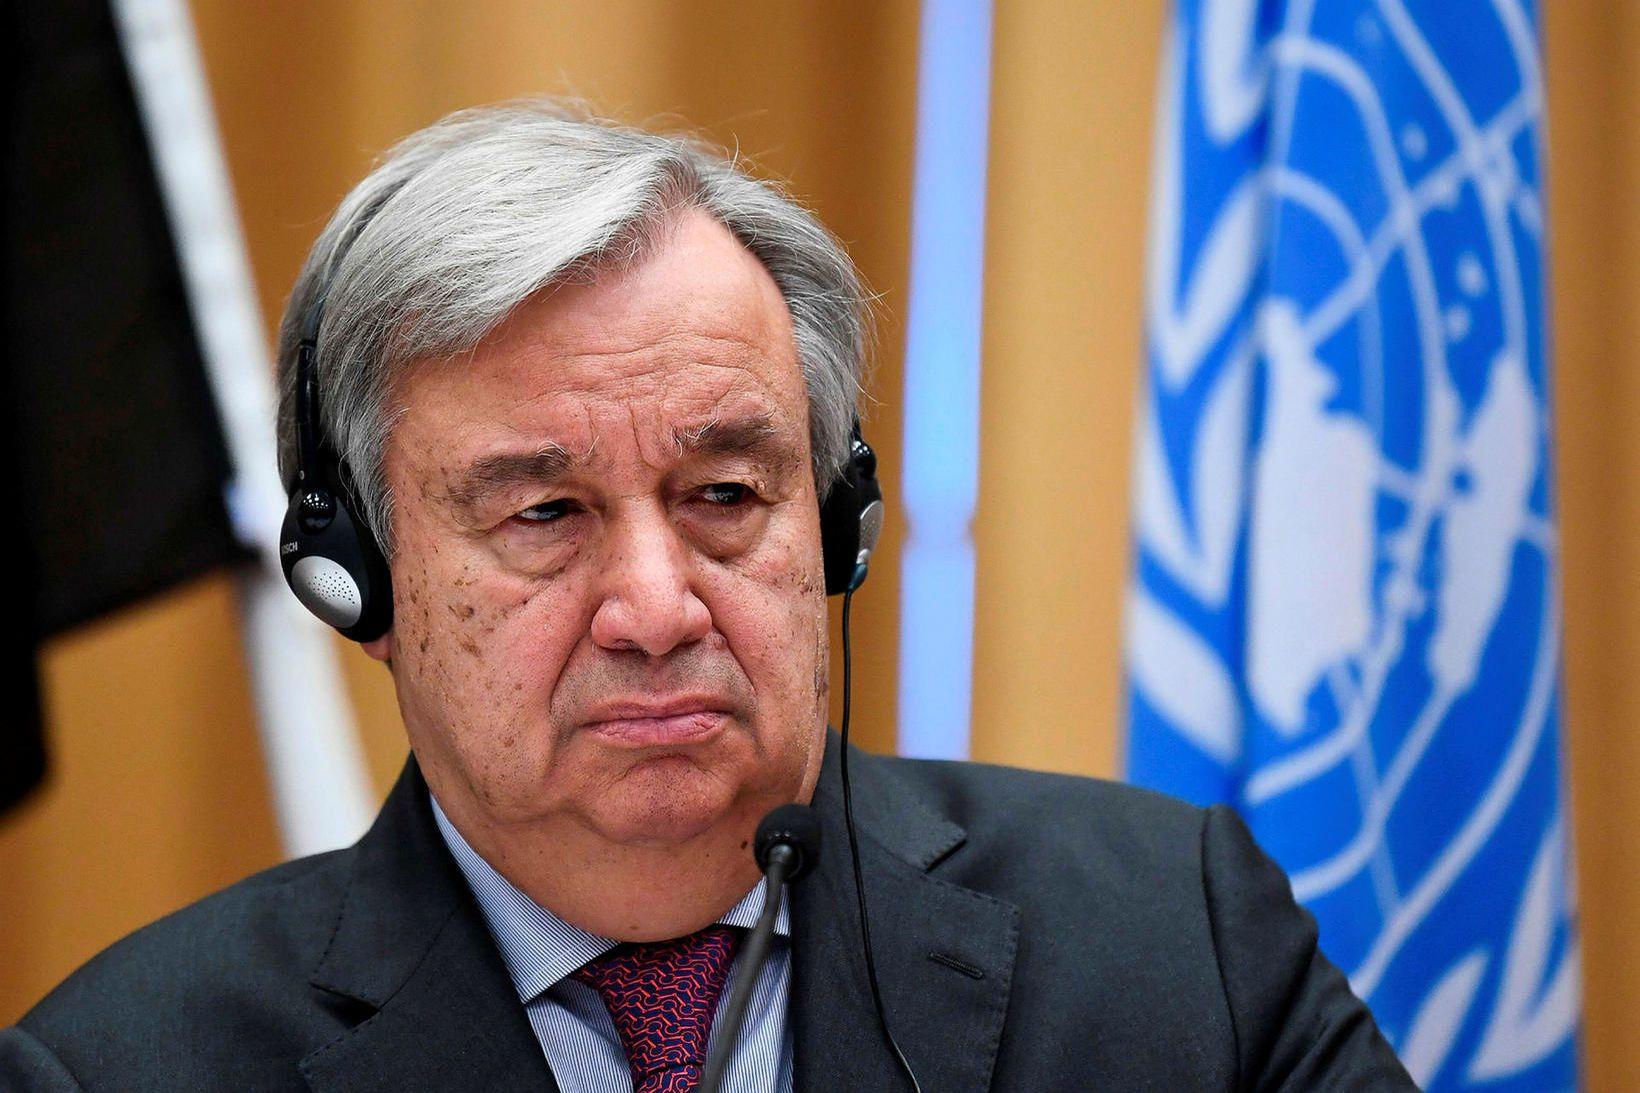 António Guterres, aðalritari Sameinuðu þjóðanna.